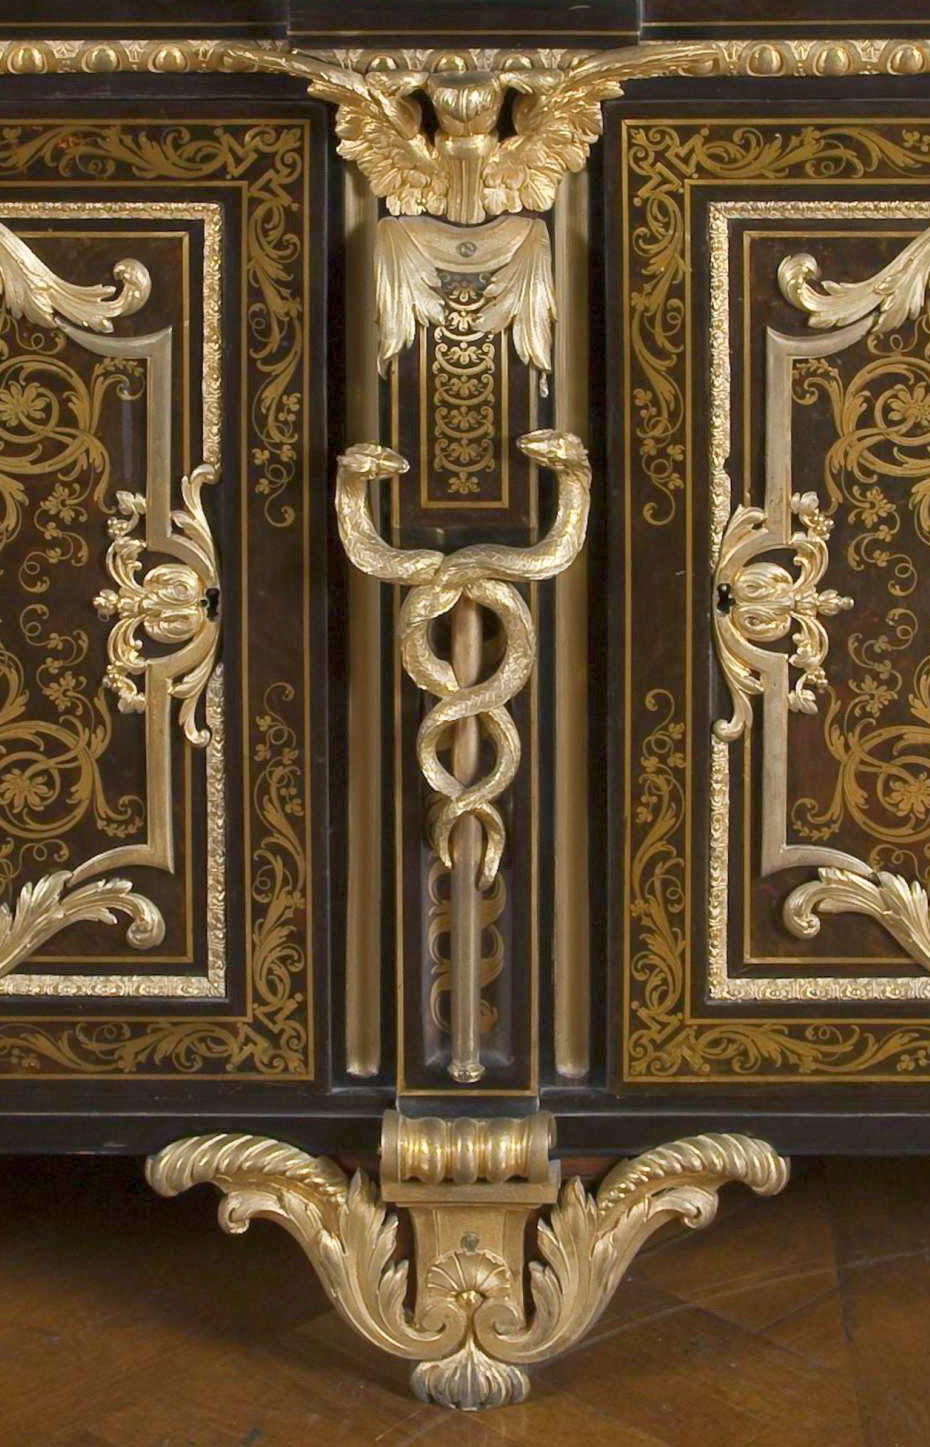 Casket, André Charles Boulle (1642-1732) et ses fils, Médaillier de Jules-Robert de Cotte, Vers 1723, Marqueterie première partie de laiton sur fond. d'écaille de tortue. Placage d'amarante, d'ébène, de bois de violette. Bronze doré. Bâti de chêne et de sapin. Dessus de marbre d'Antin Saint-Pétersbourg, musée d'État de l'Ermitage